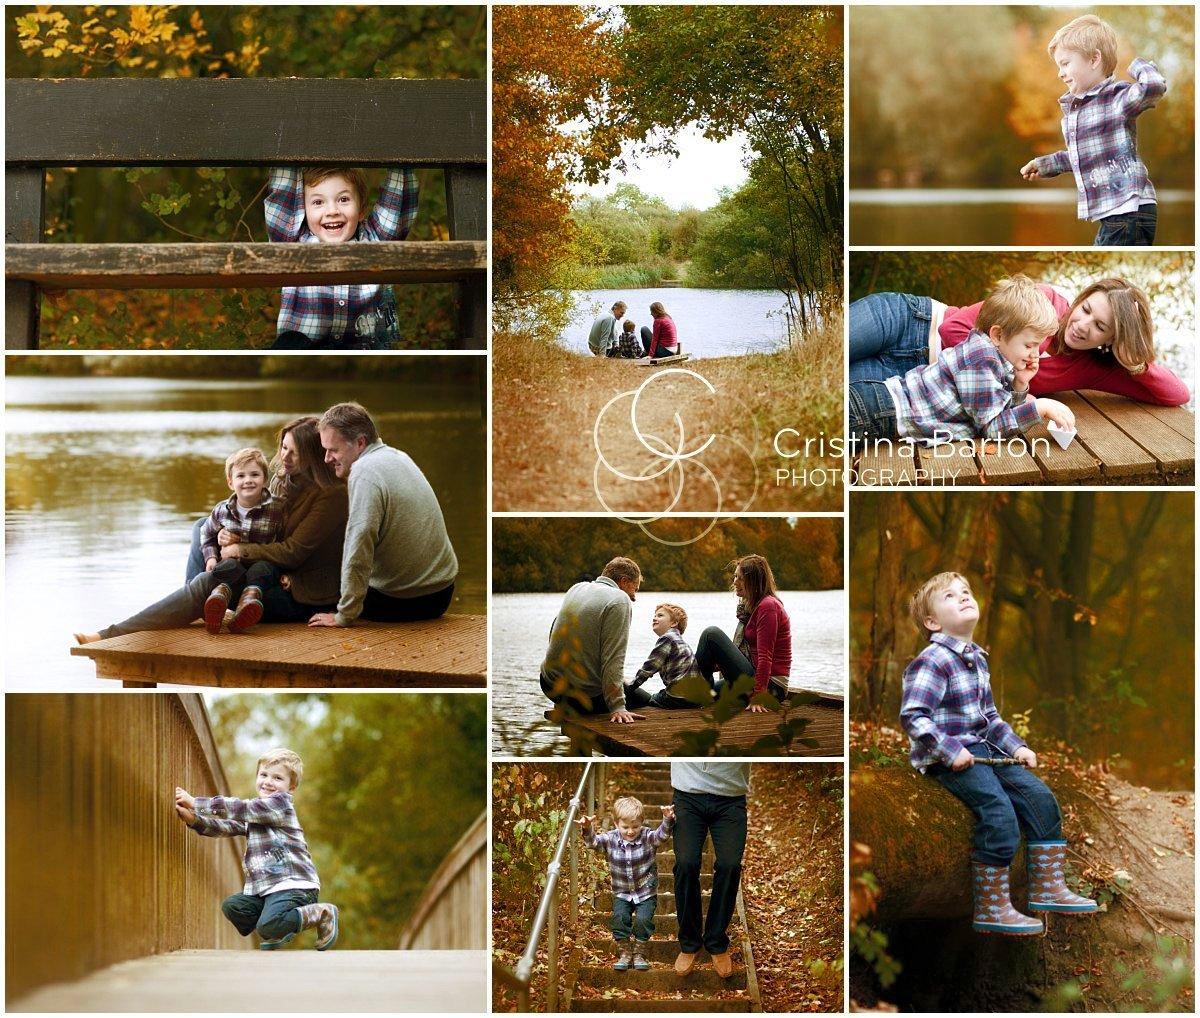 family autumn photo shoot Reading Berkshire